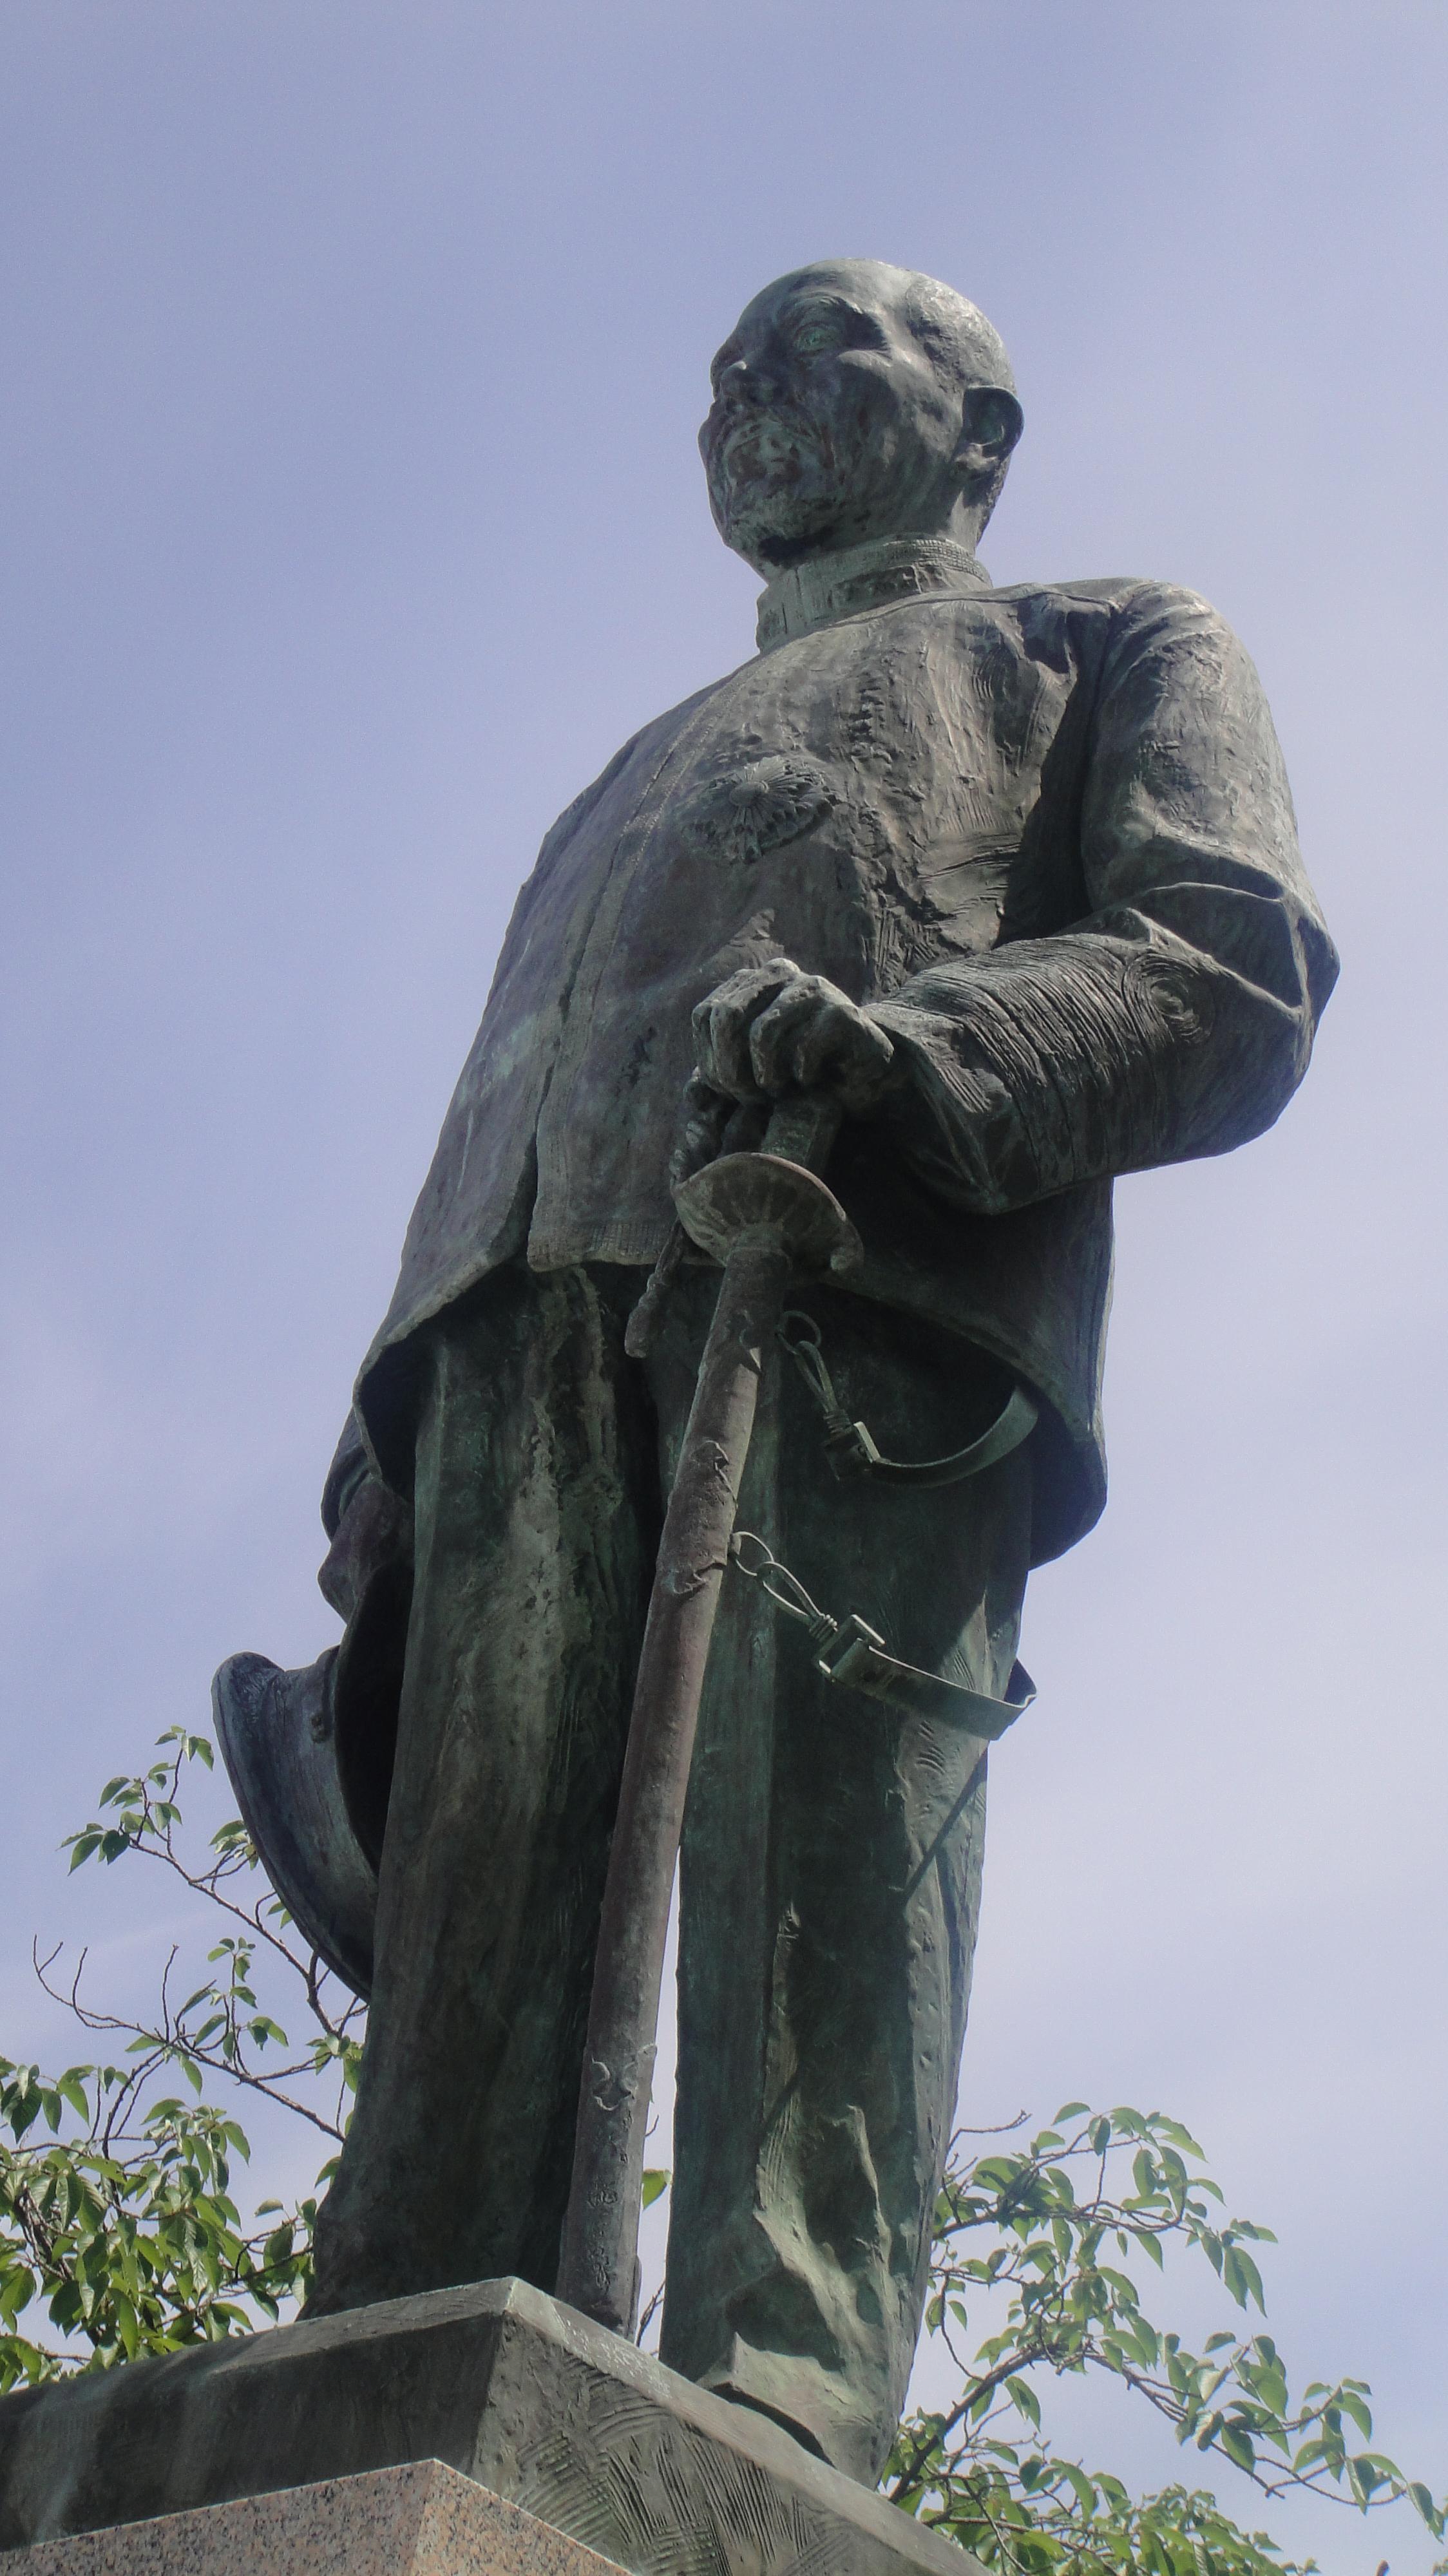 東公園 東郷平八郎提督像